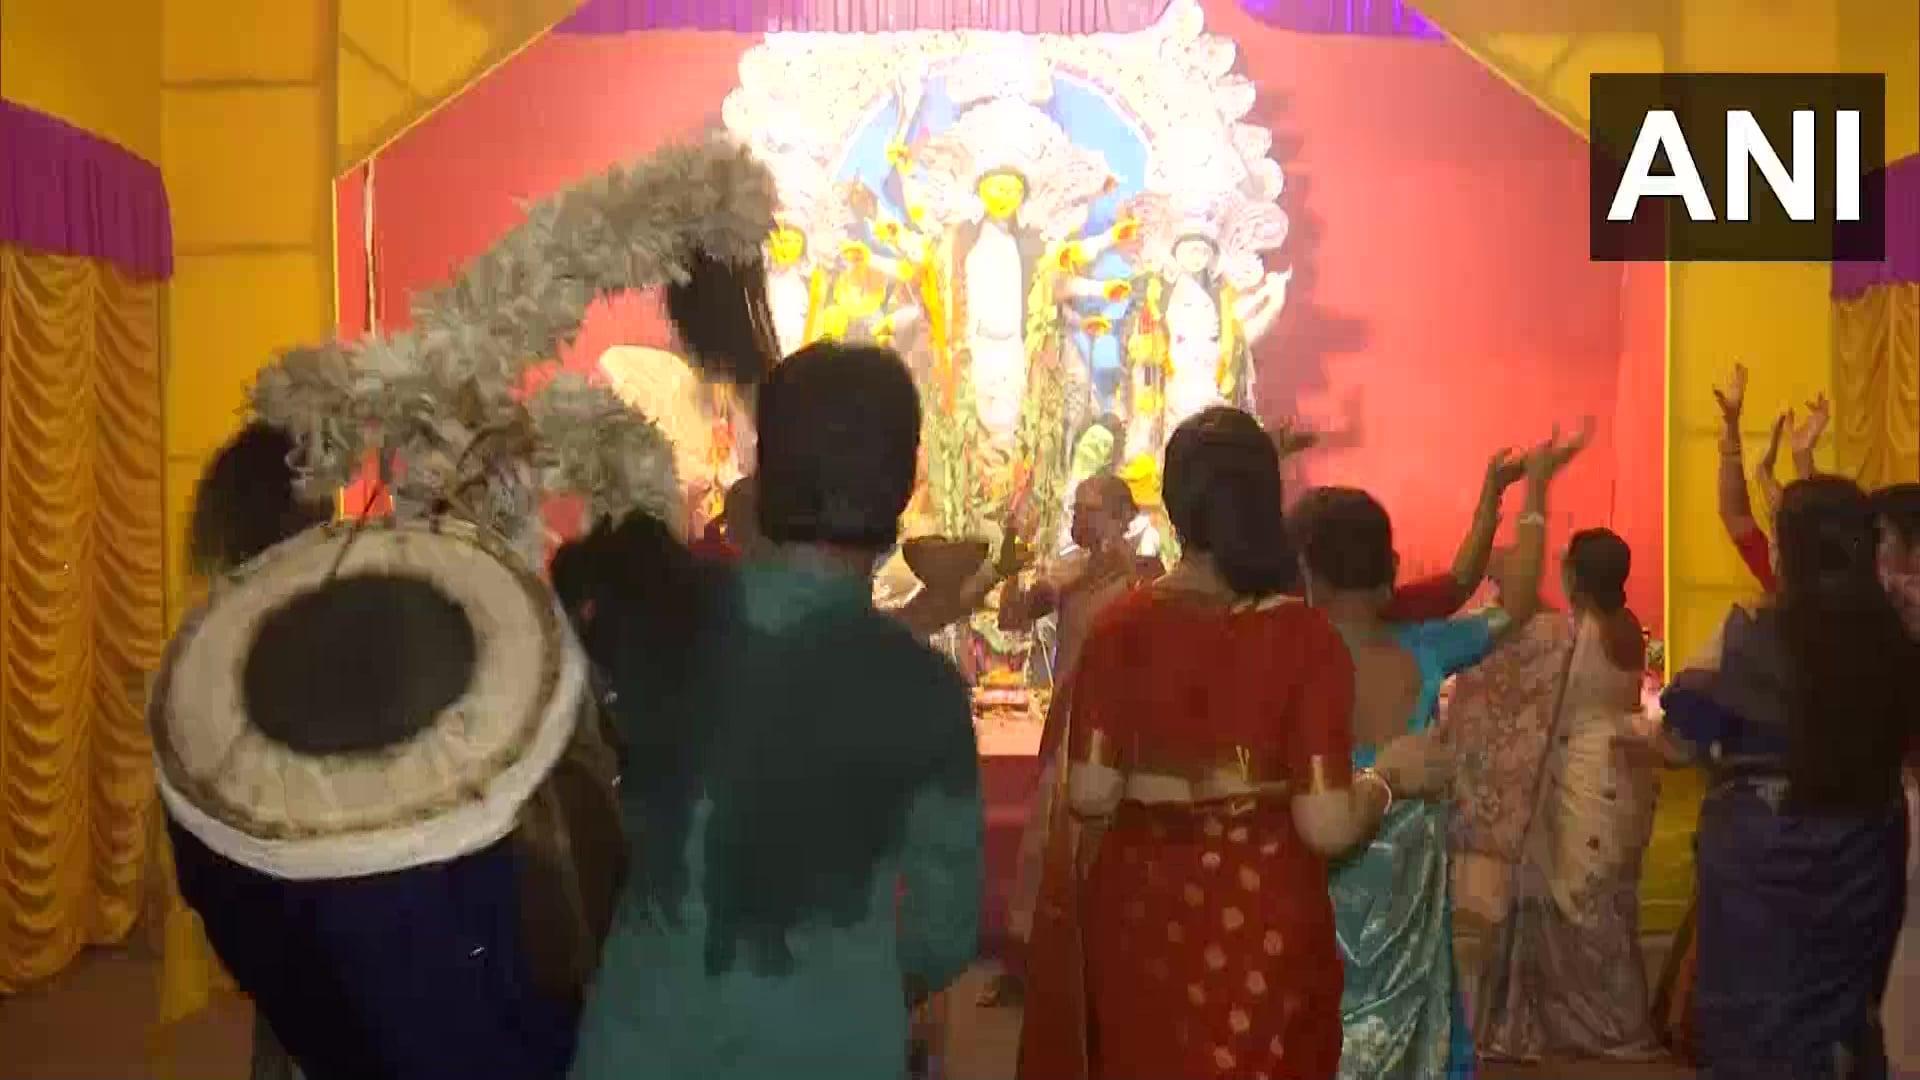 धुनुची डांस करते समय महिलाएं पारंपरिक लिबाज में नजर आईं. वहीं, छोटे बच्चे और पुरुष भी मां दुर्गा के दरबार में नृत्य करते हुए नजर आए.